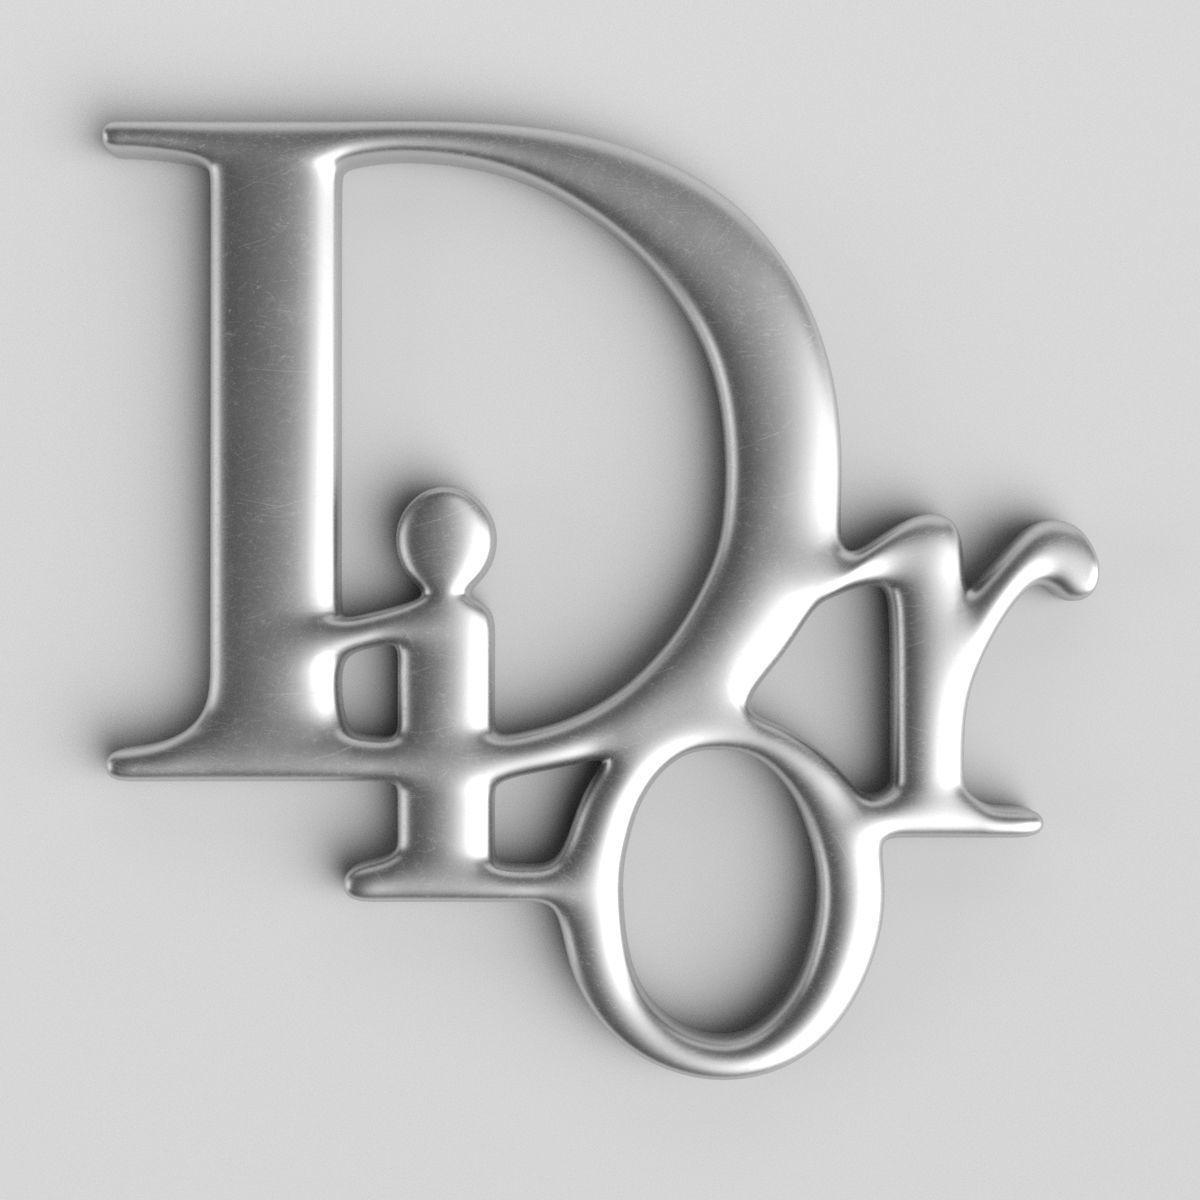 Dior Cast Metal Label 3d Cgtrader Monogram Wallpaper Dior Logo Crazy Wallpaper